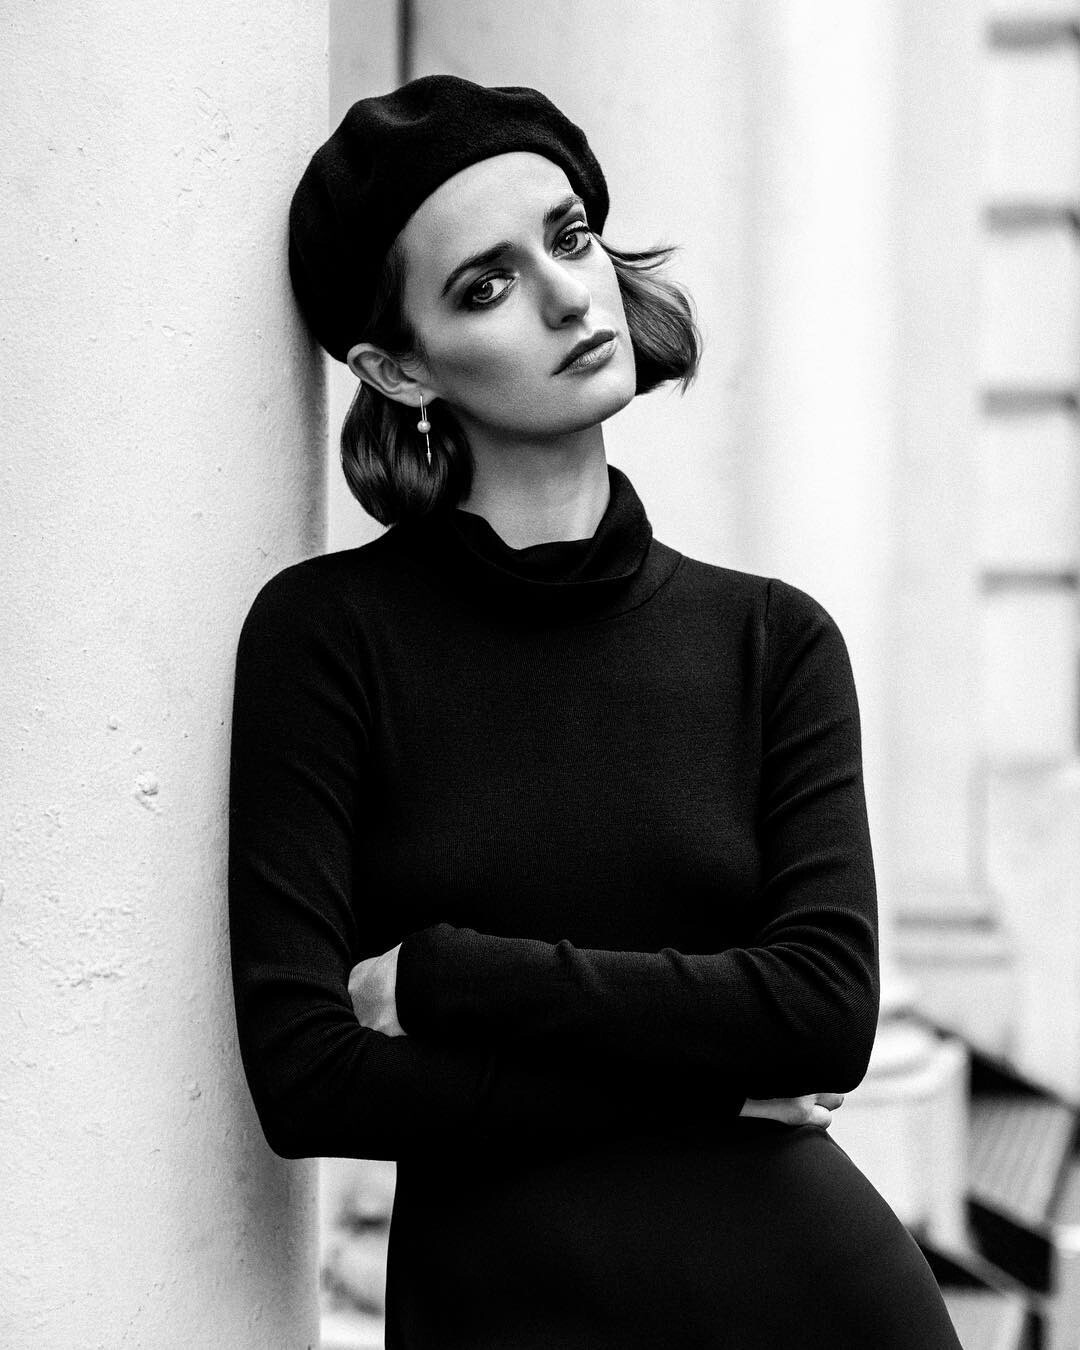 «Умуз неможет быть ботокса»: возлюбленная Данилы Козловского раскритиковала «уколы красоты»